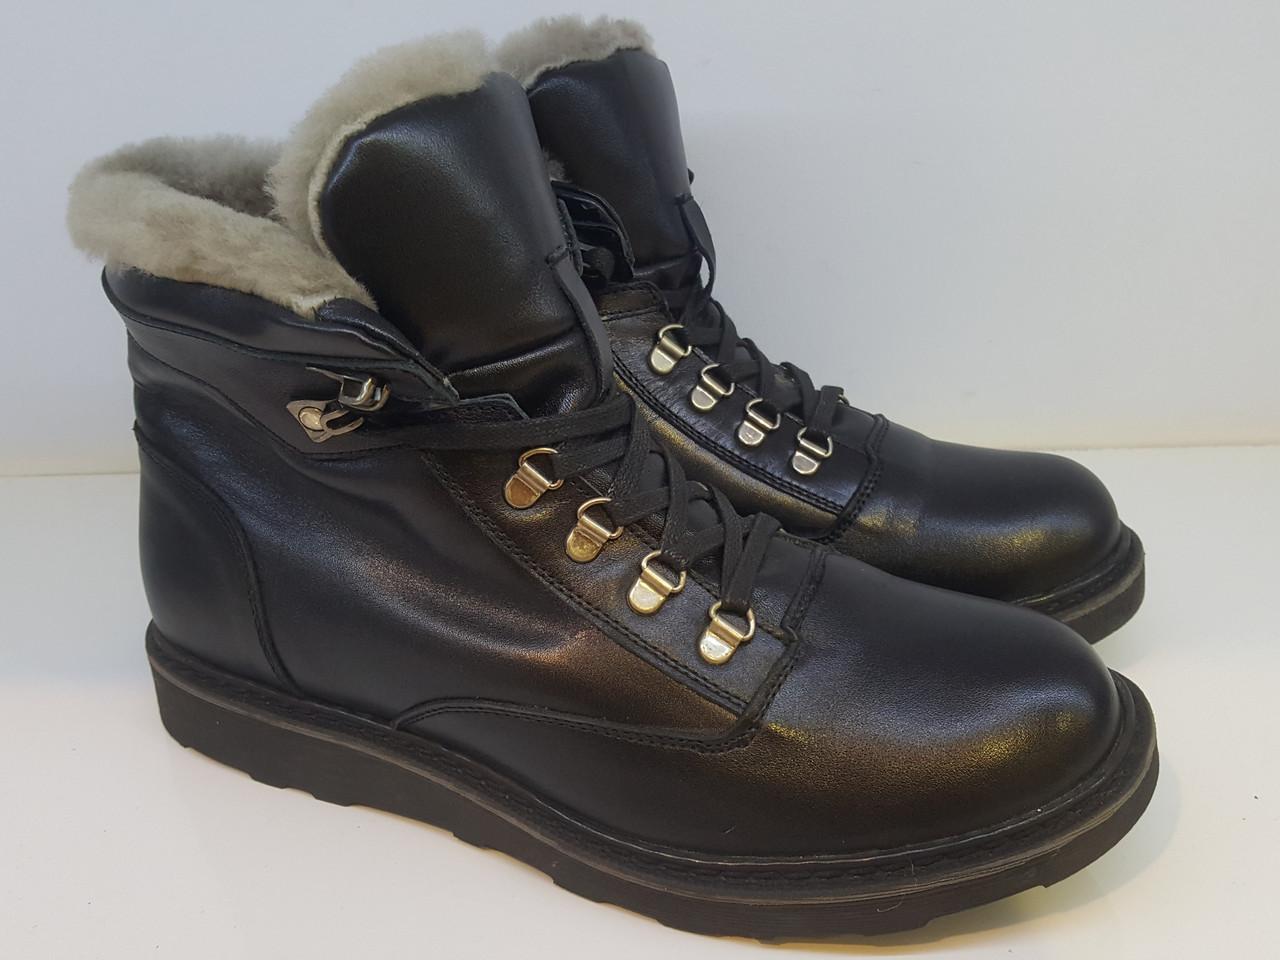 Ботинки Etor 7999-4487 42 черные